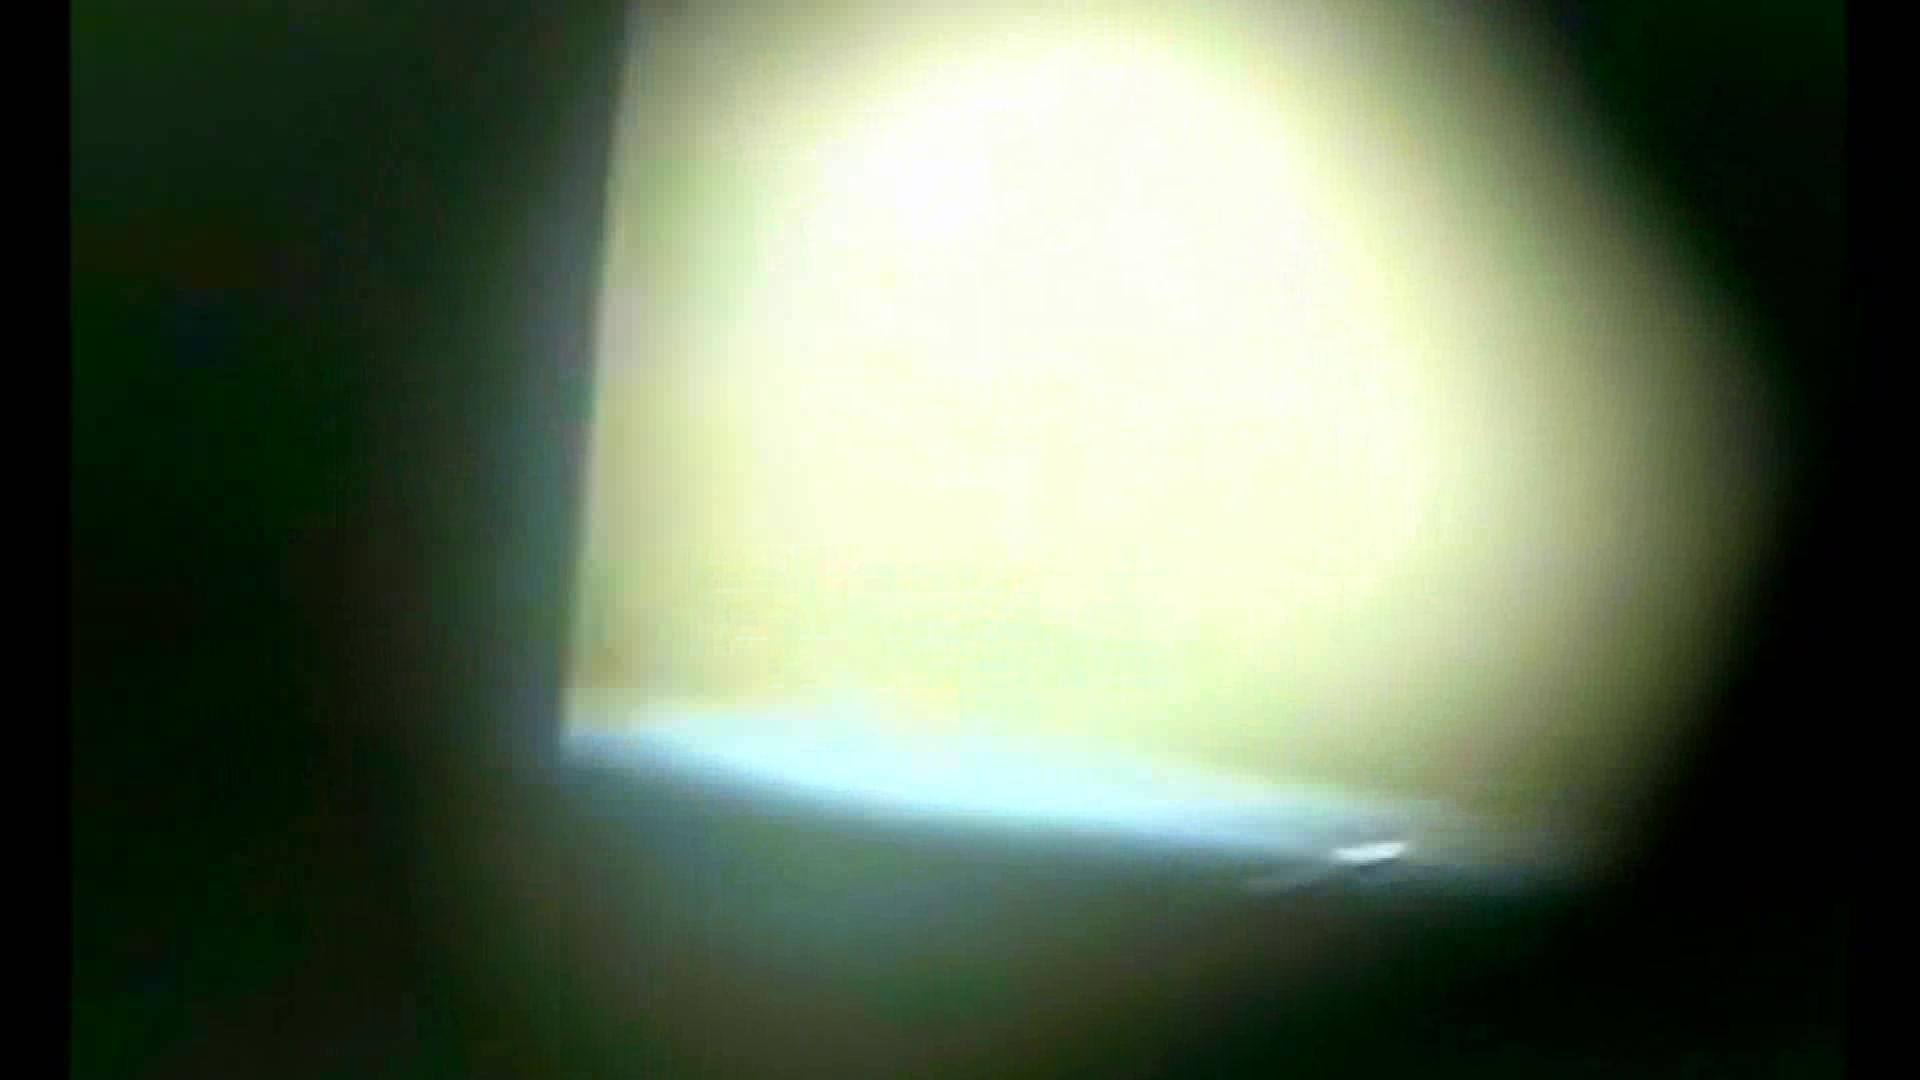 イケメンの素顔in洗面所 Vol.15 イケメンのsex | 男天国  52pic 44